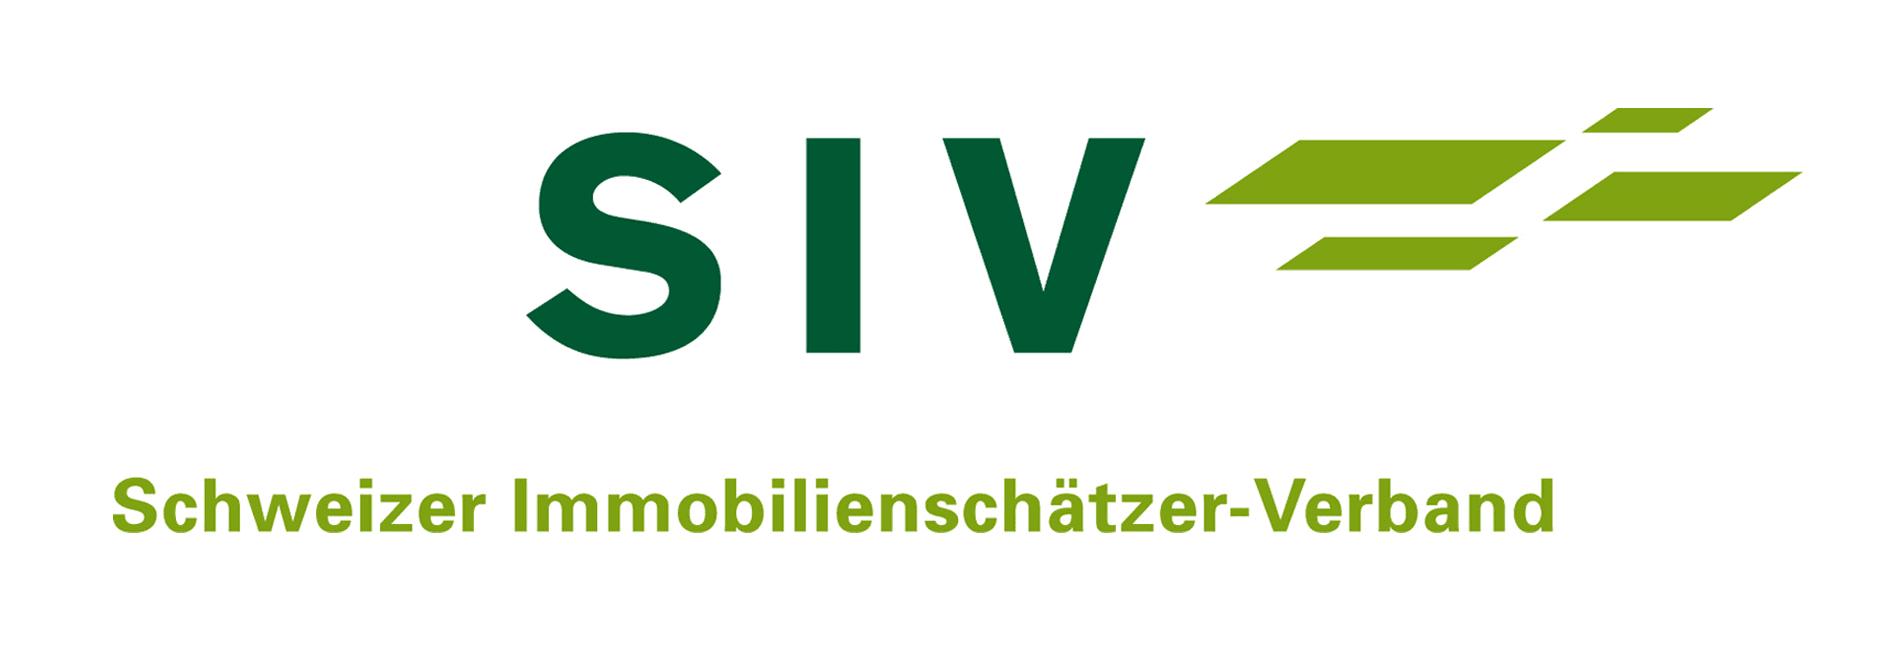 SIB Immobilienschätzer-Verband